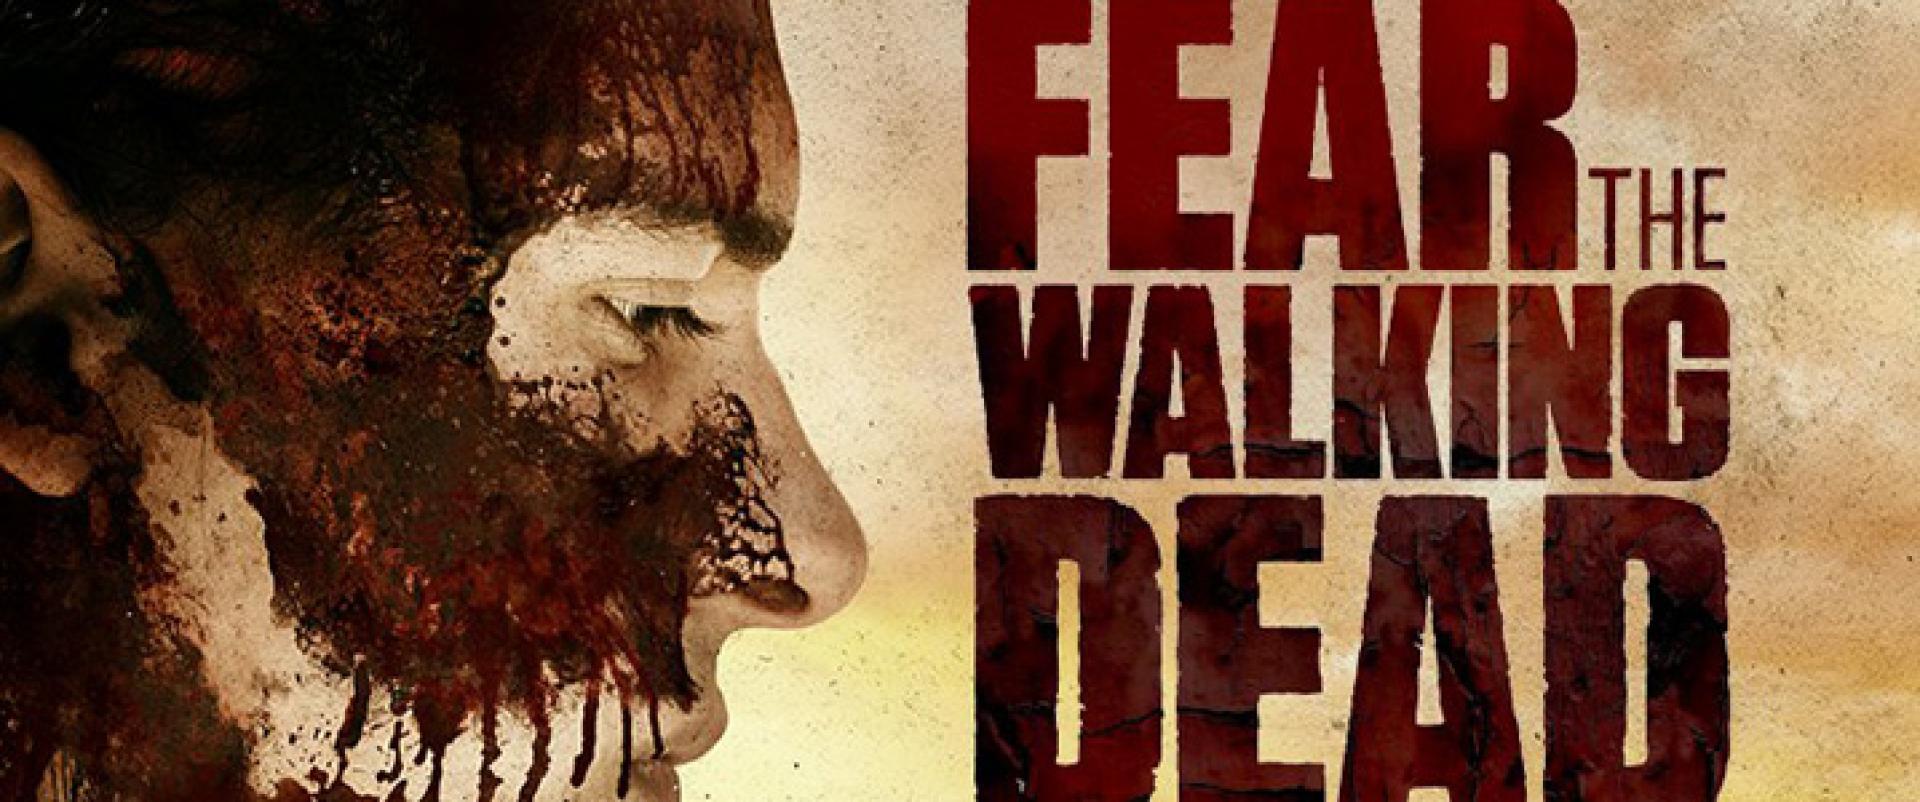 Fear the Walking Dead 3x03